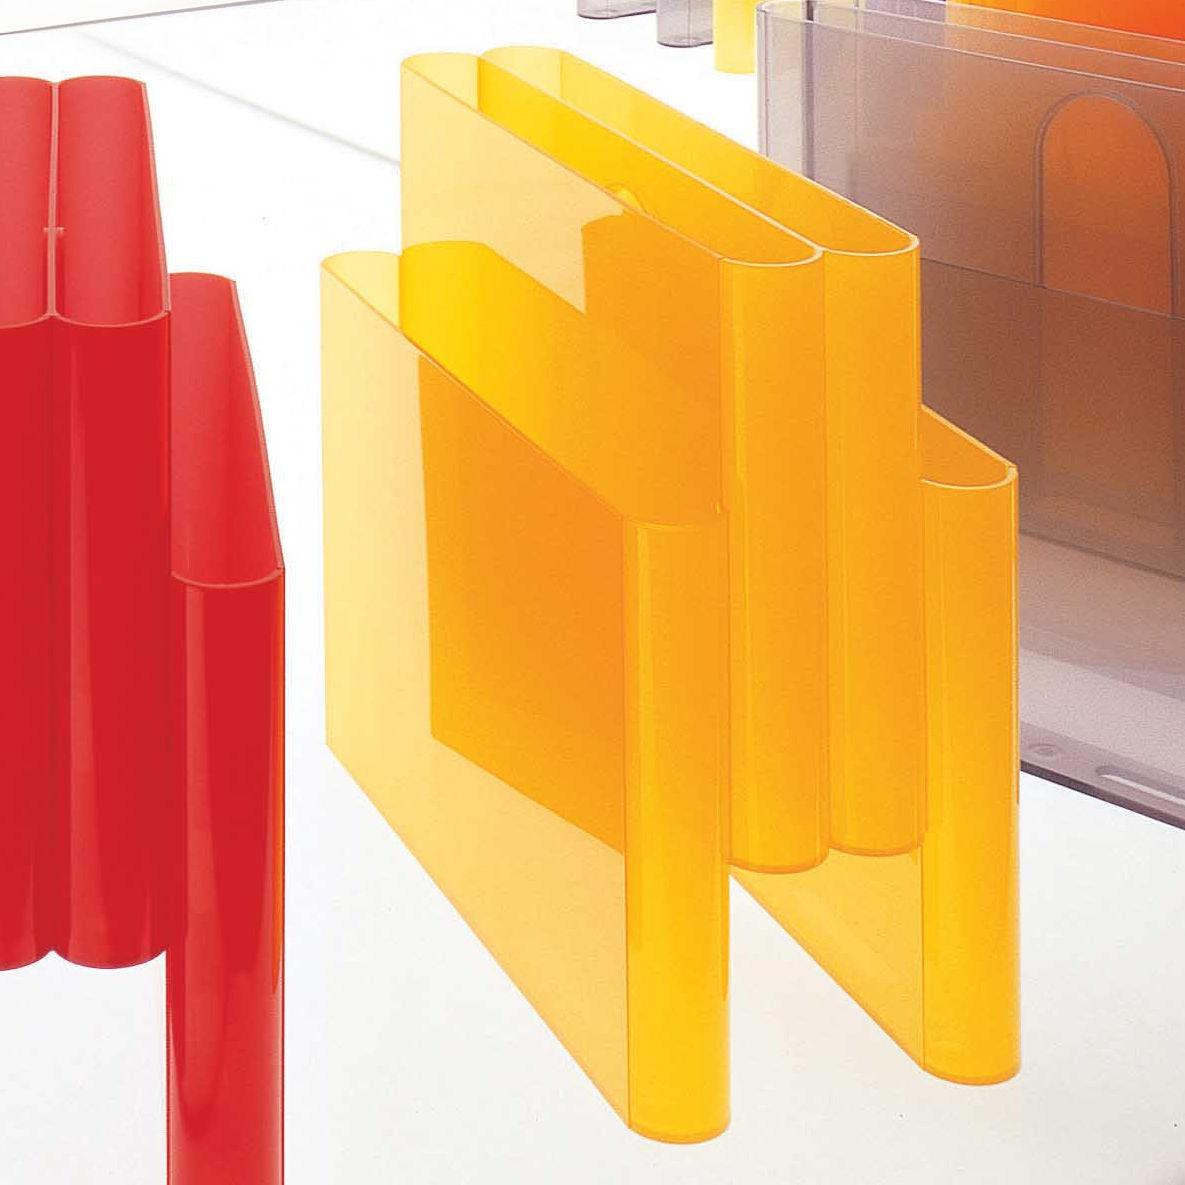 Porte revues orange kartell - Porte revue kartell ...